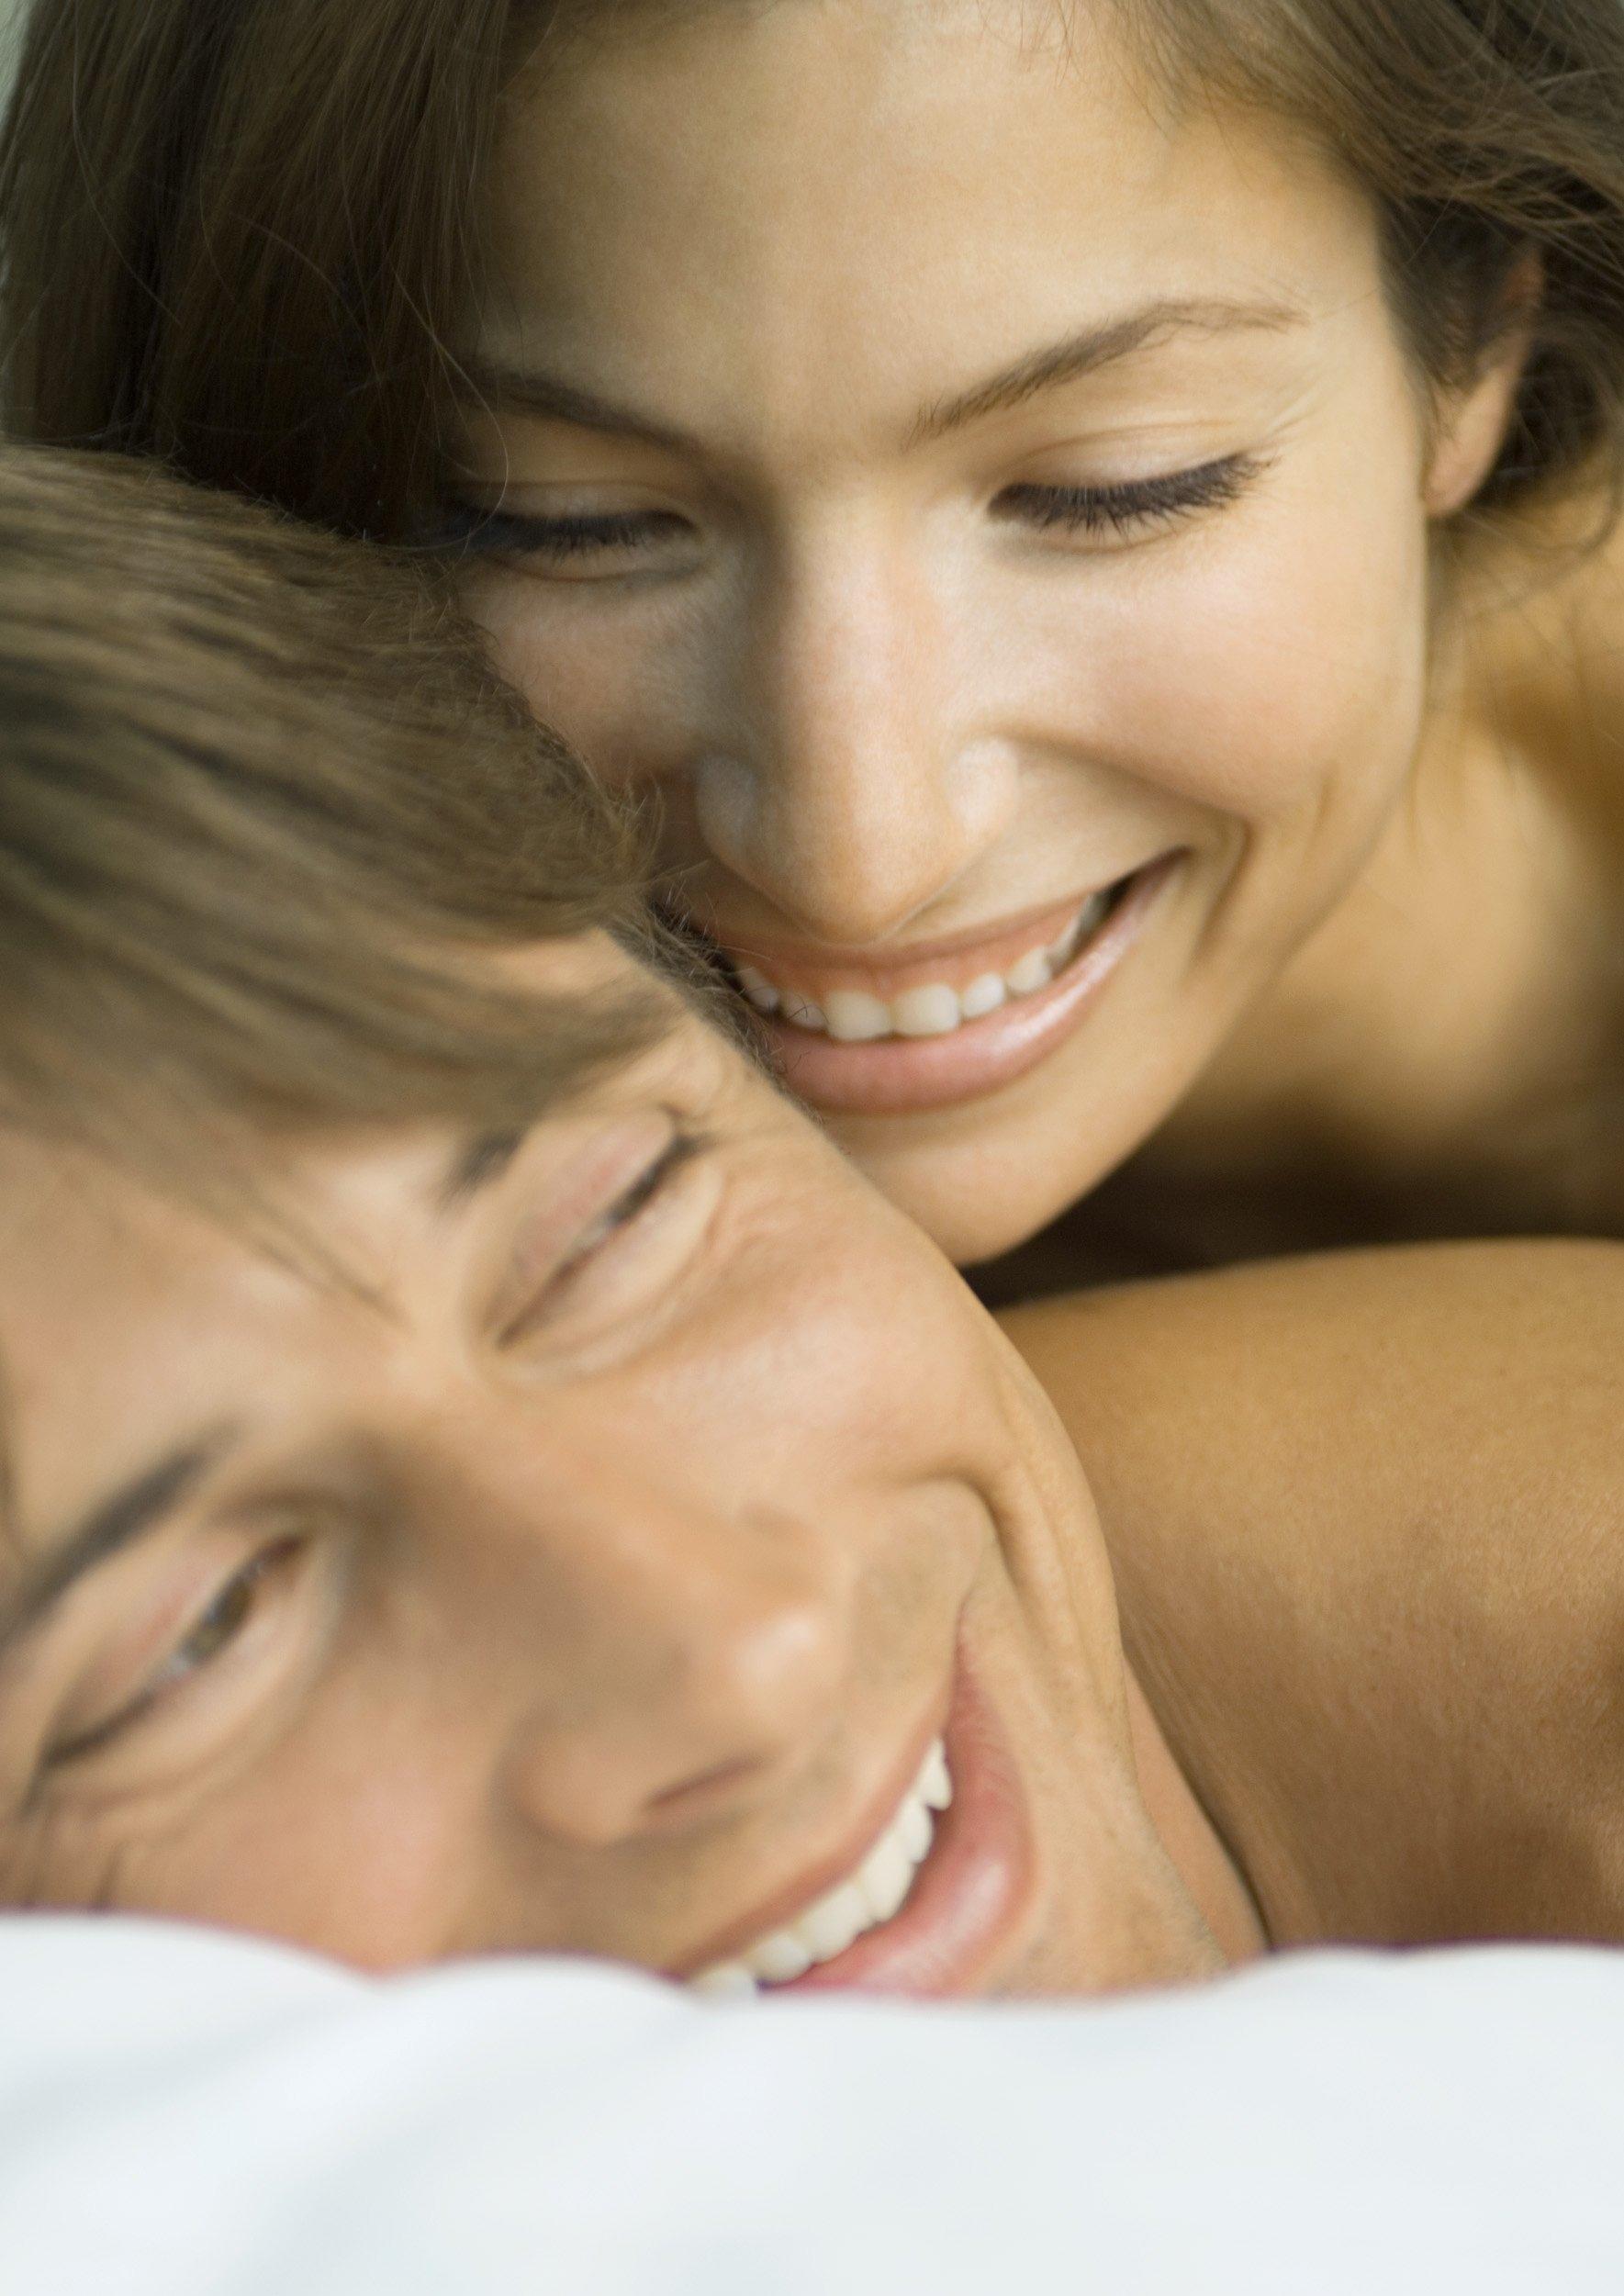 kvindens g punkt datingsider for voksne